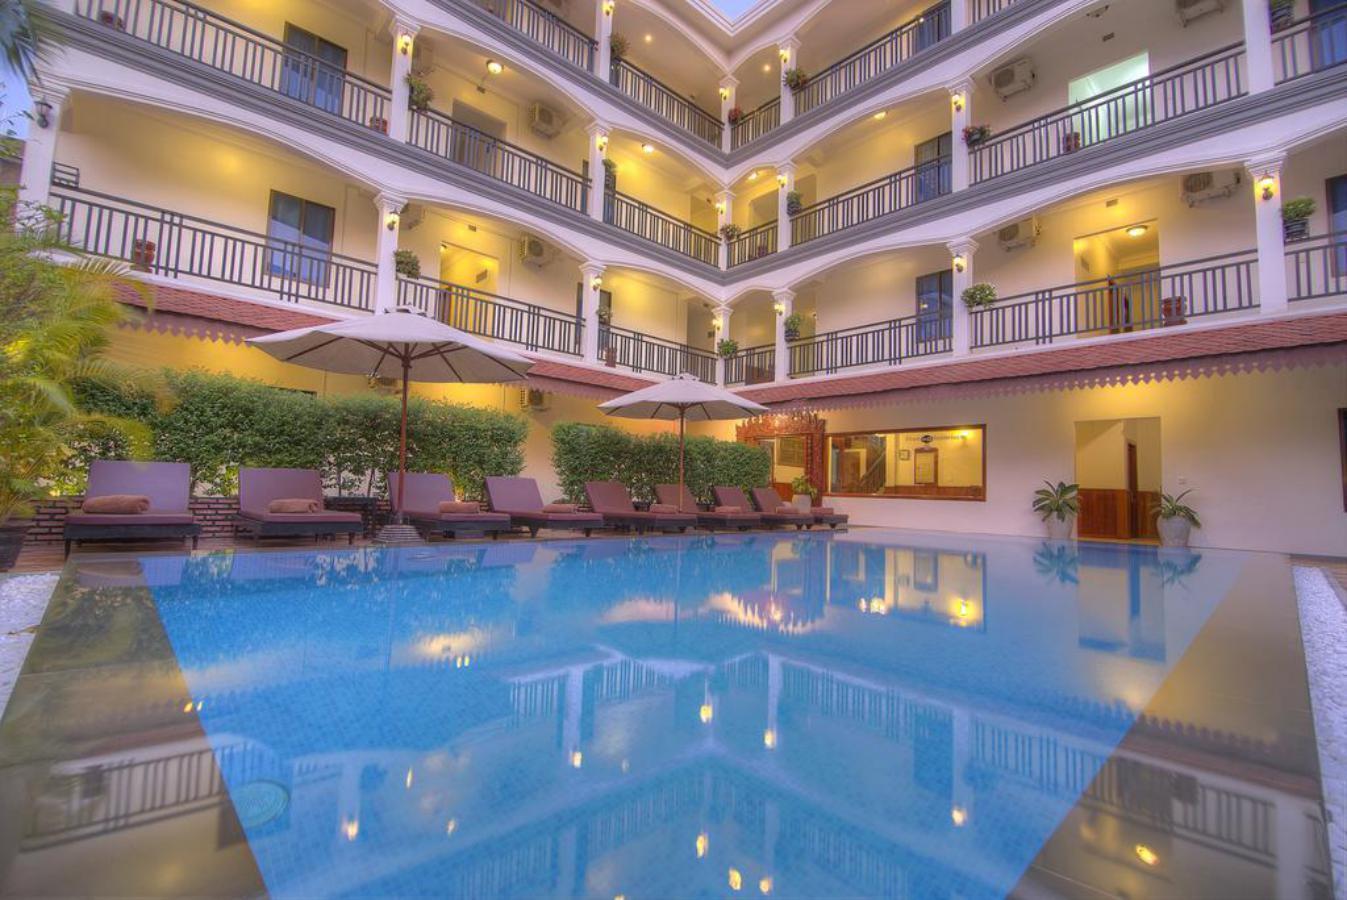 Summer Villa Resort